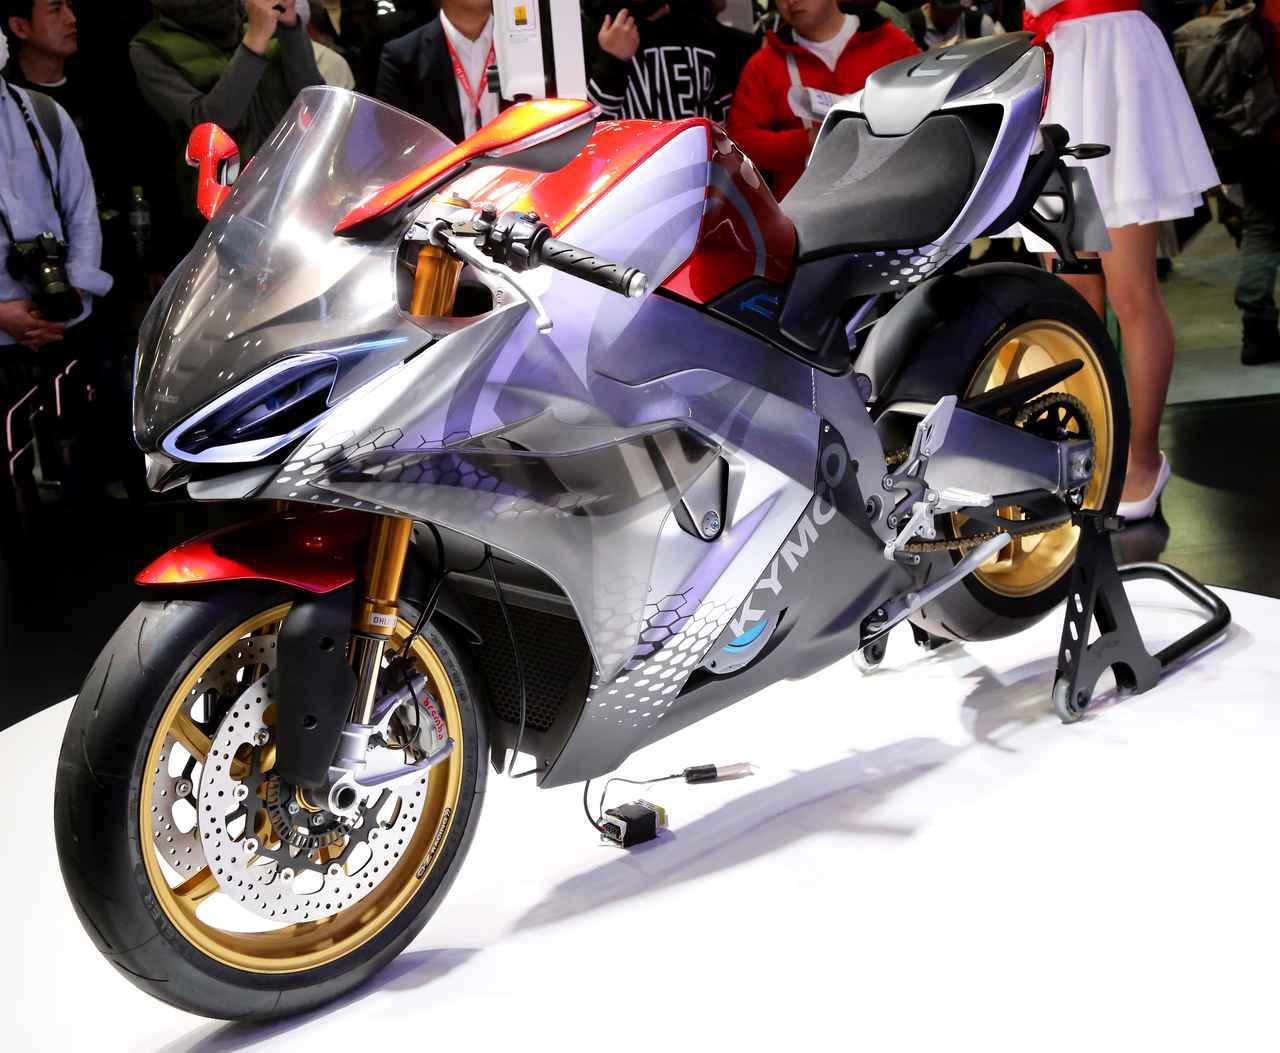 キムコが市販化を見据えた電動スポーツバイク「RevoNEX」を発表!【EICMA 2019速報!】